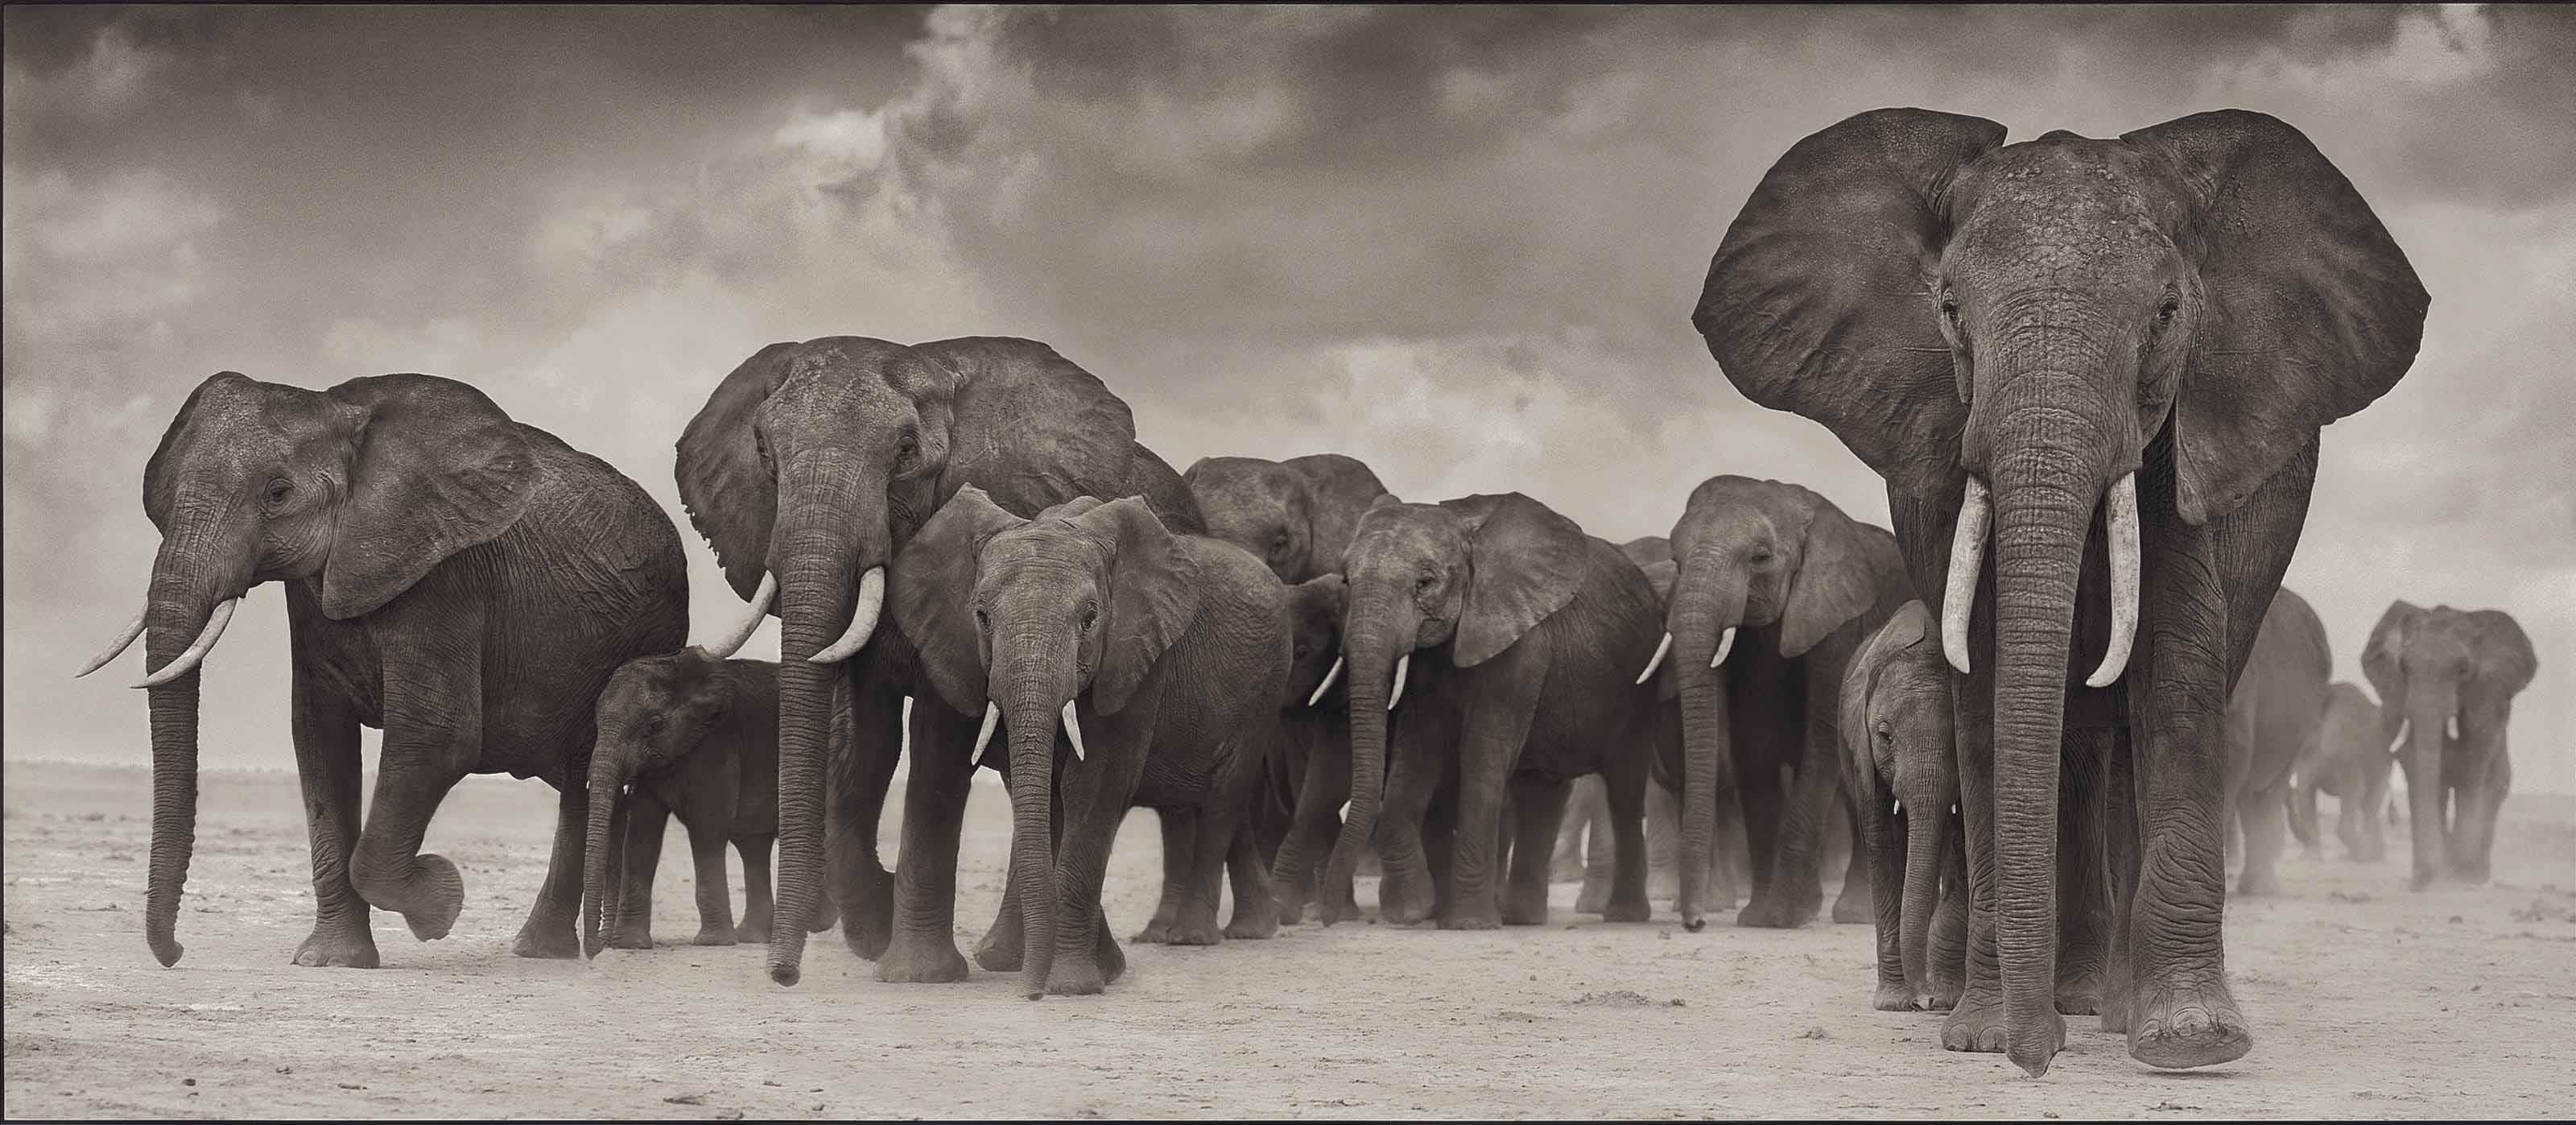 Elephants on the Move, 2006